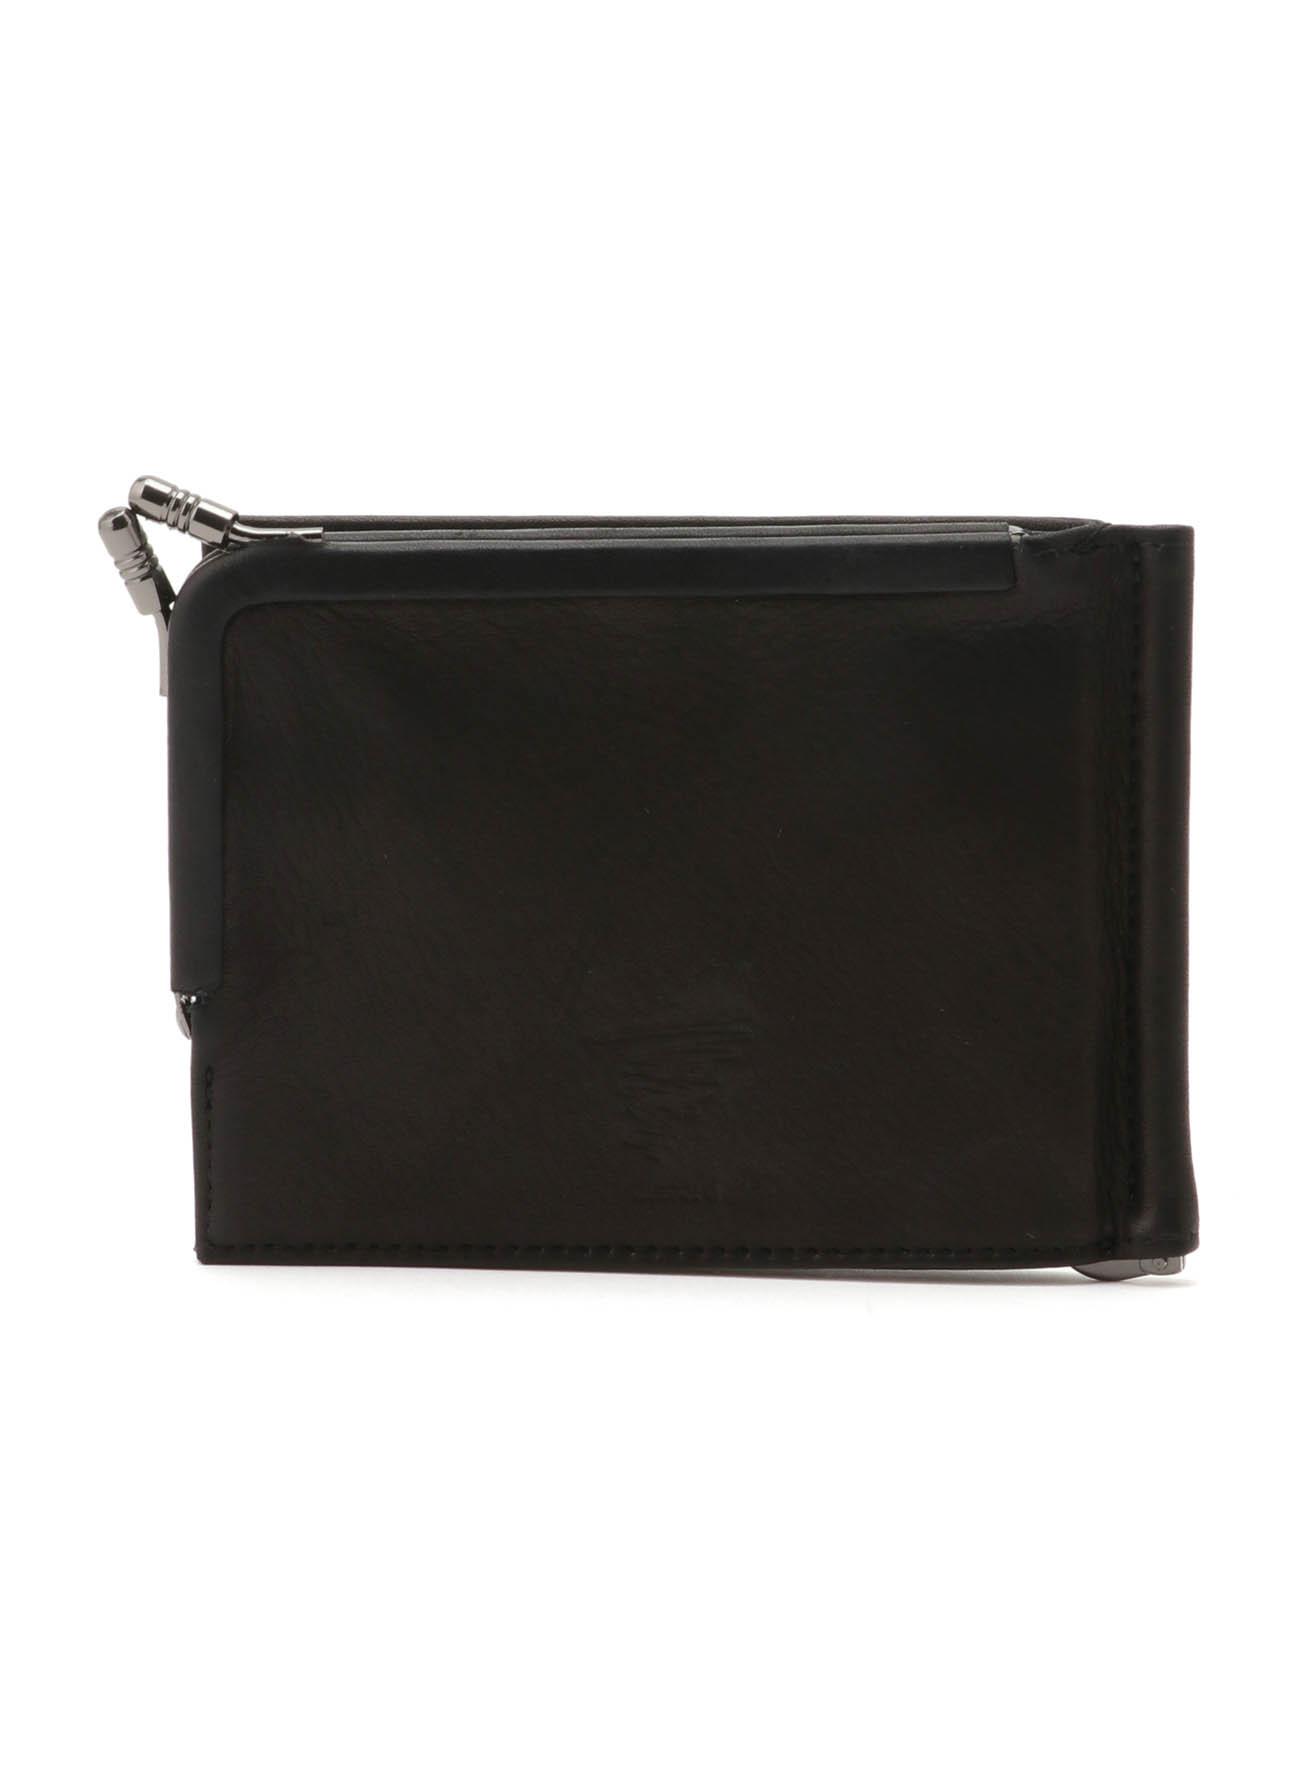 Clip wallet